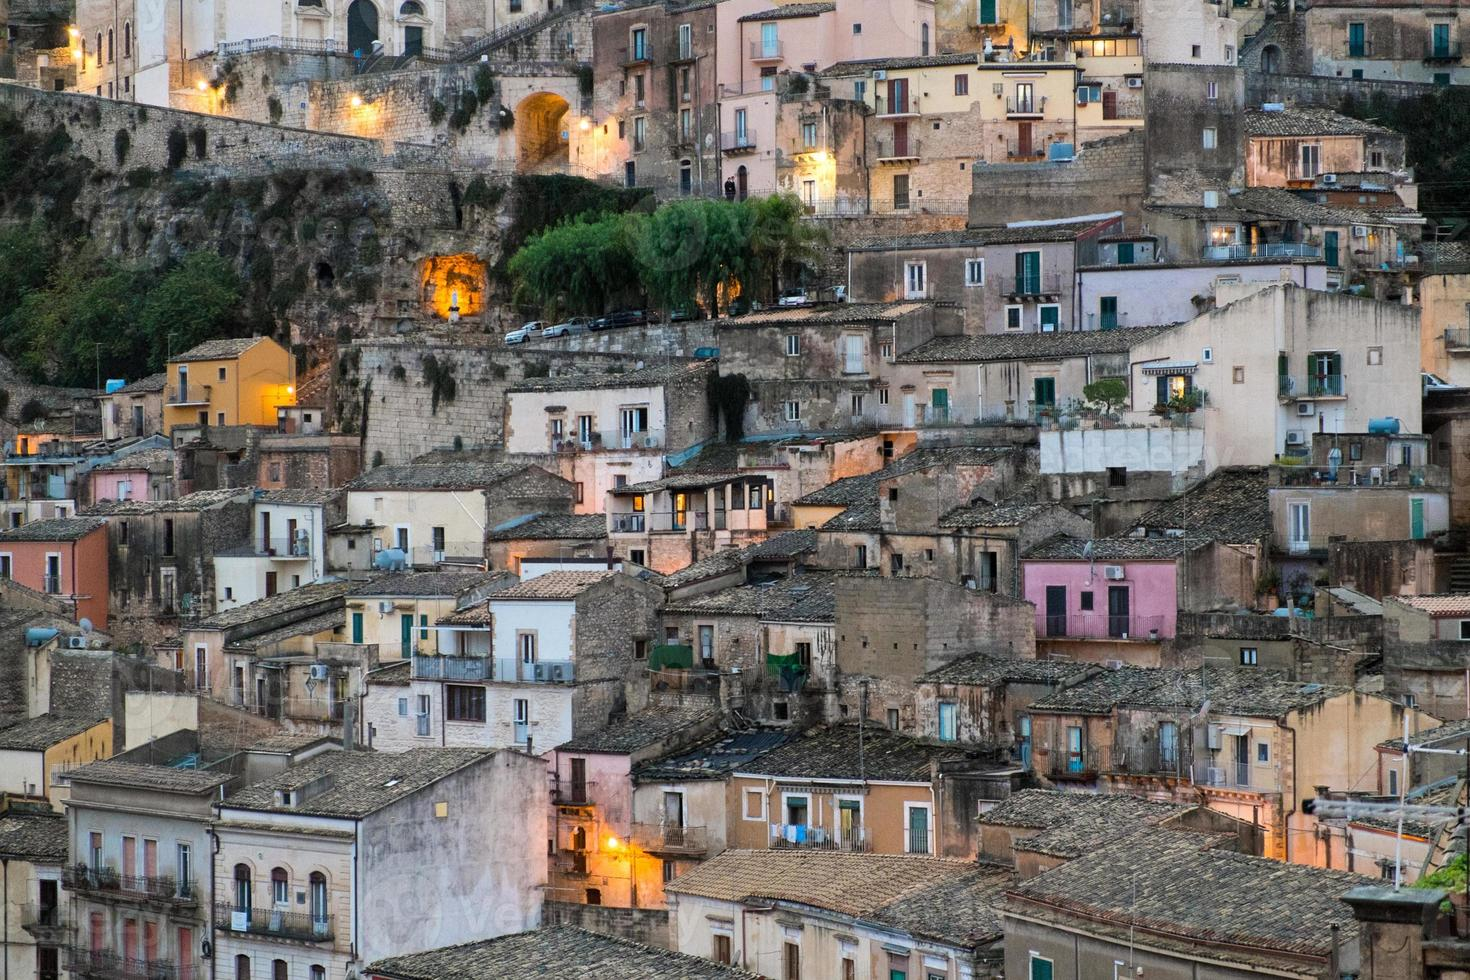 Ragusa Ibla photo